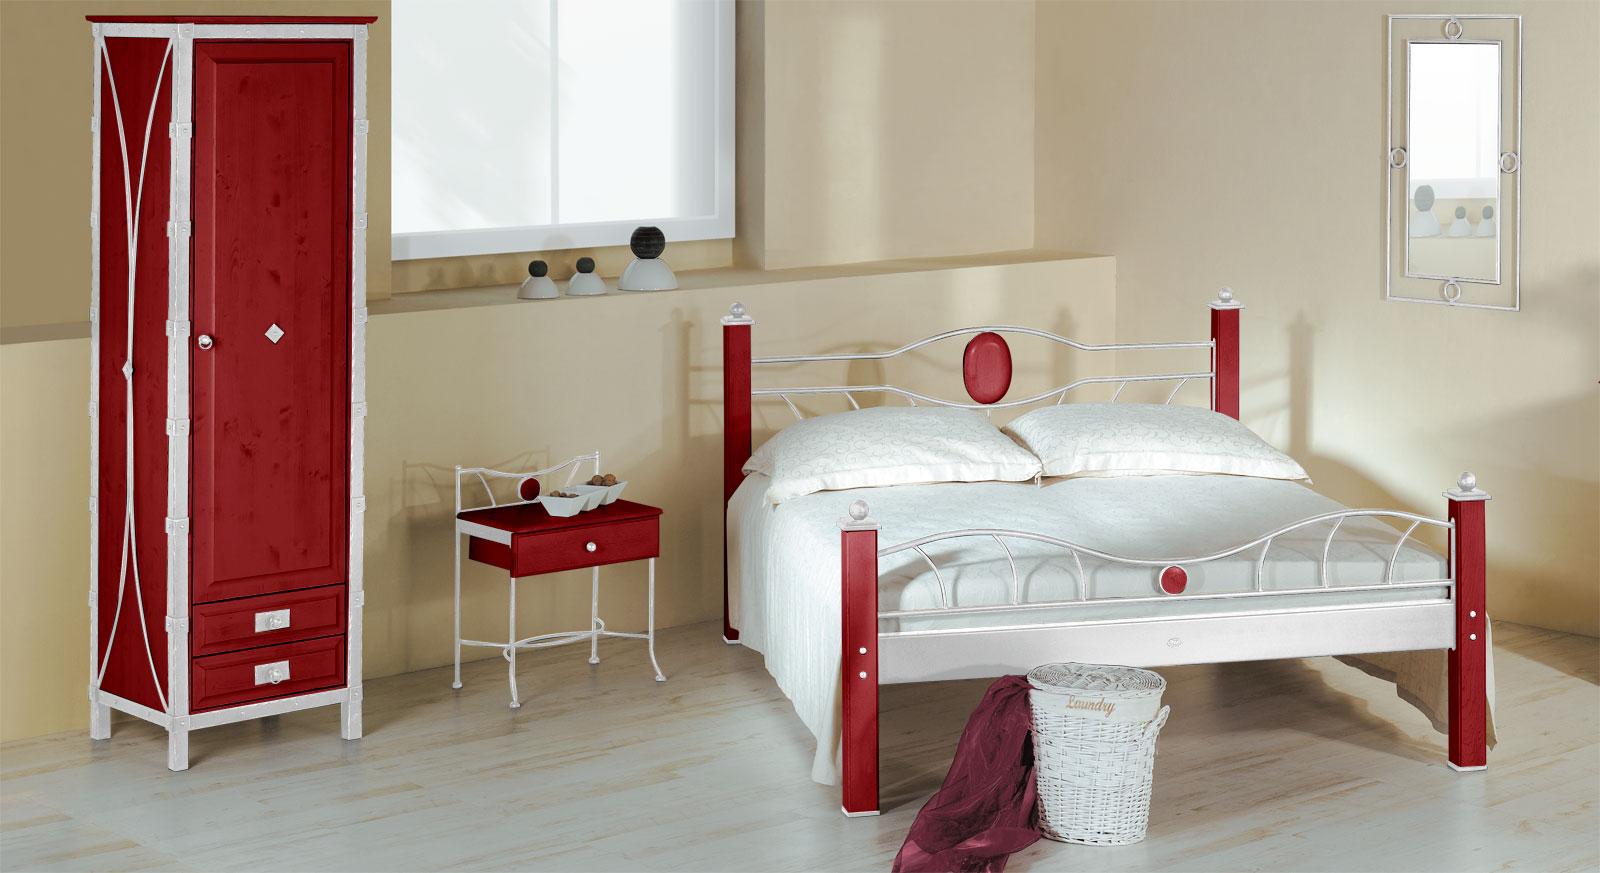 Eintüriger Drehtüren-Kleiderschrank Lavia in Rot und Weiß-Silber